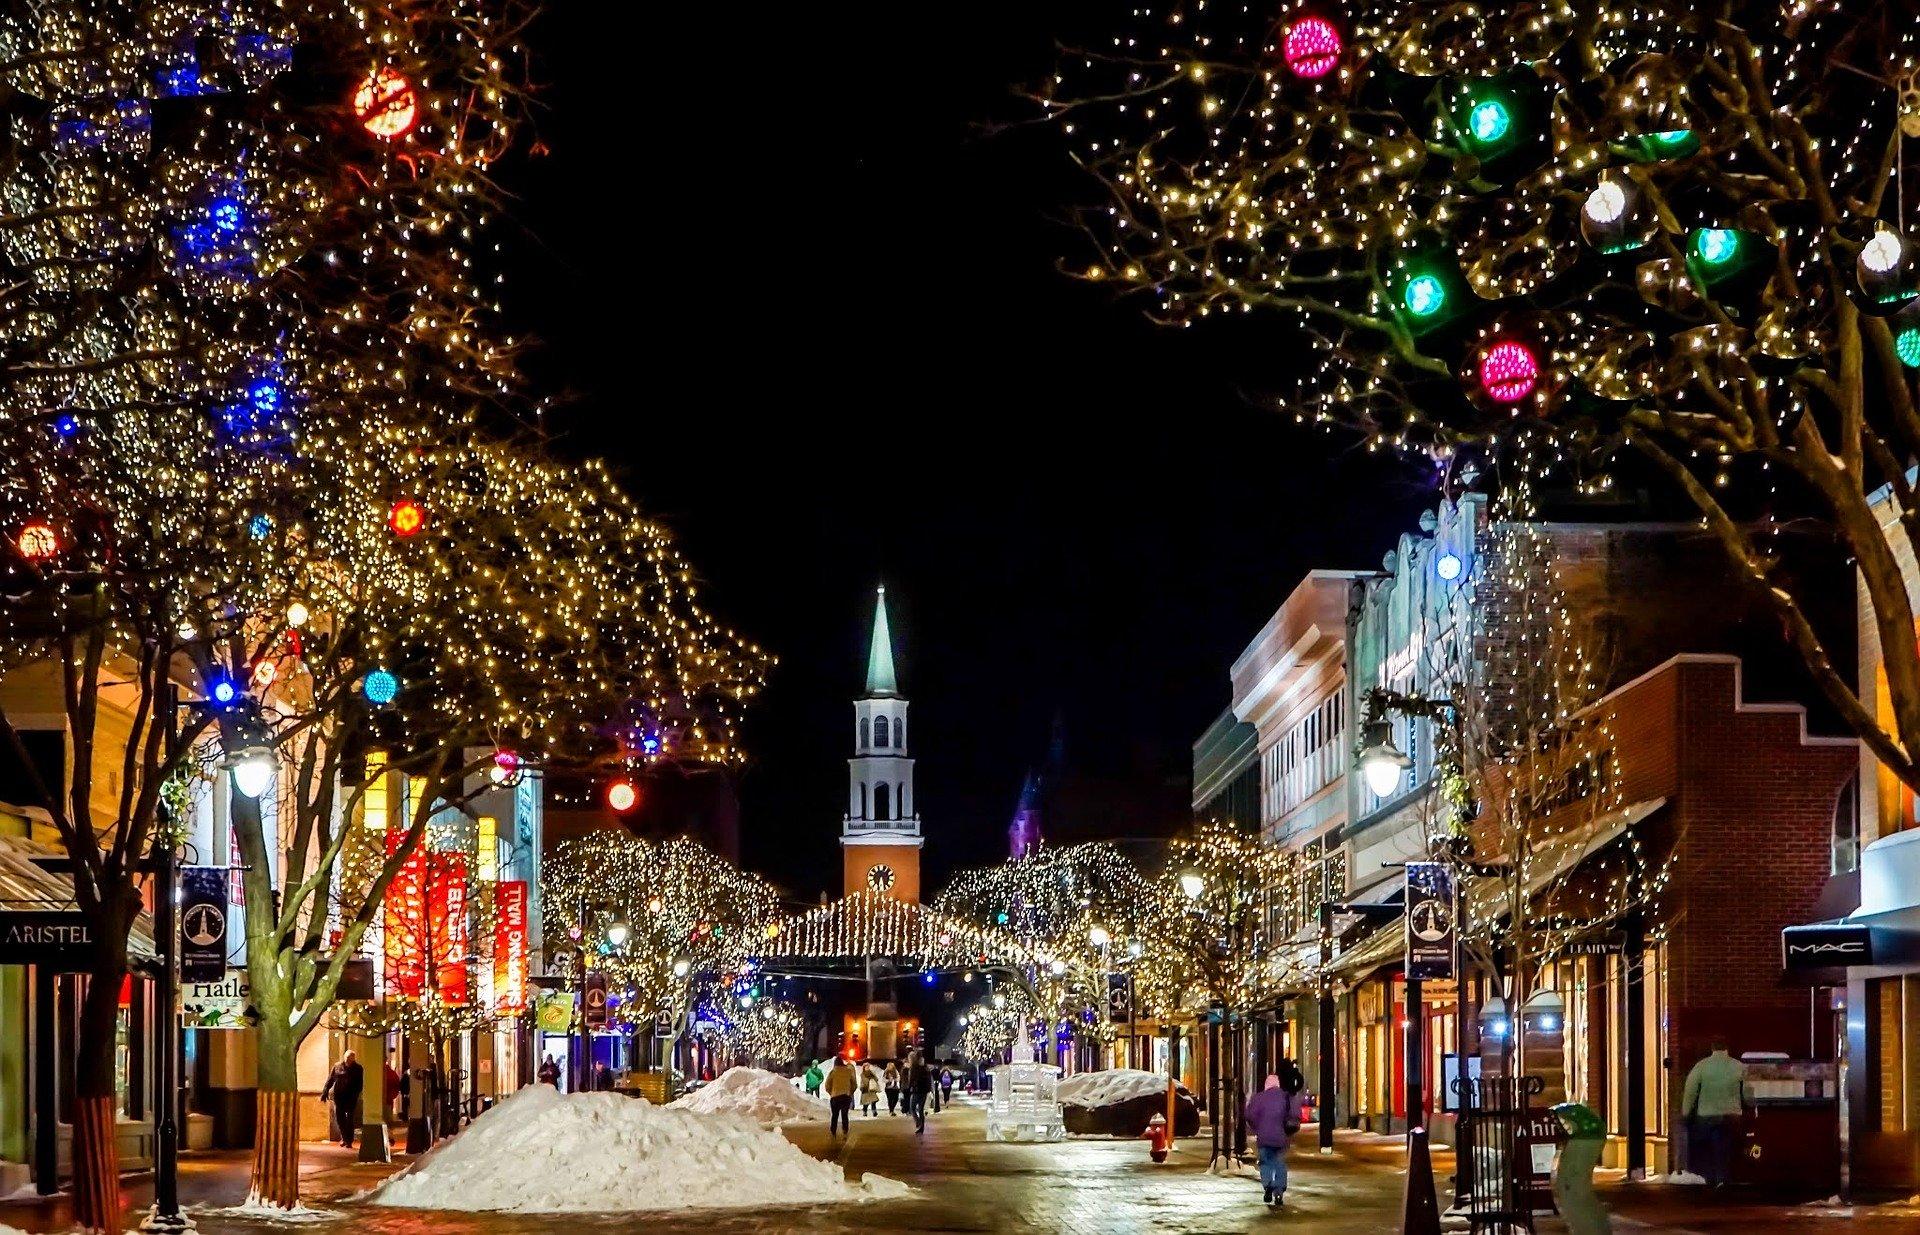 ¿Dónde viajar esta Navidad? (5 destinos mágicos)